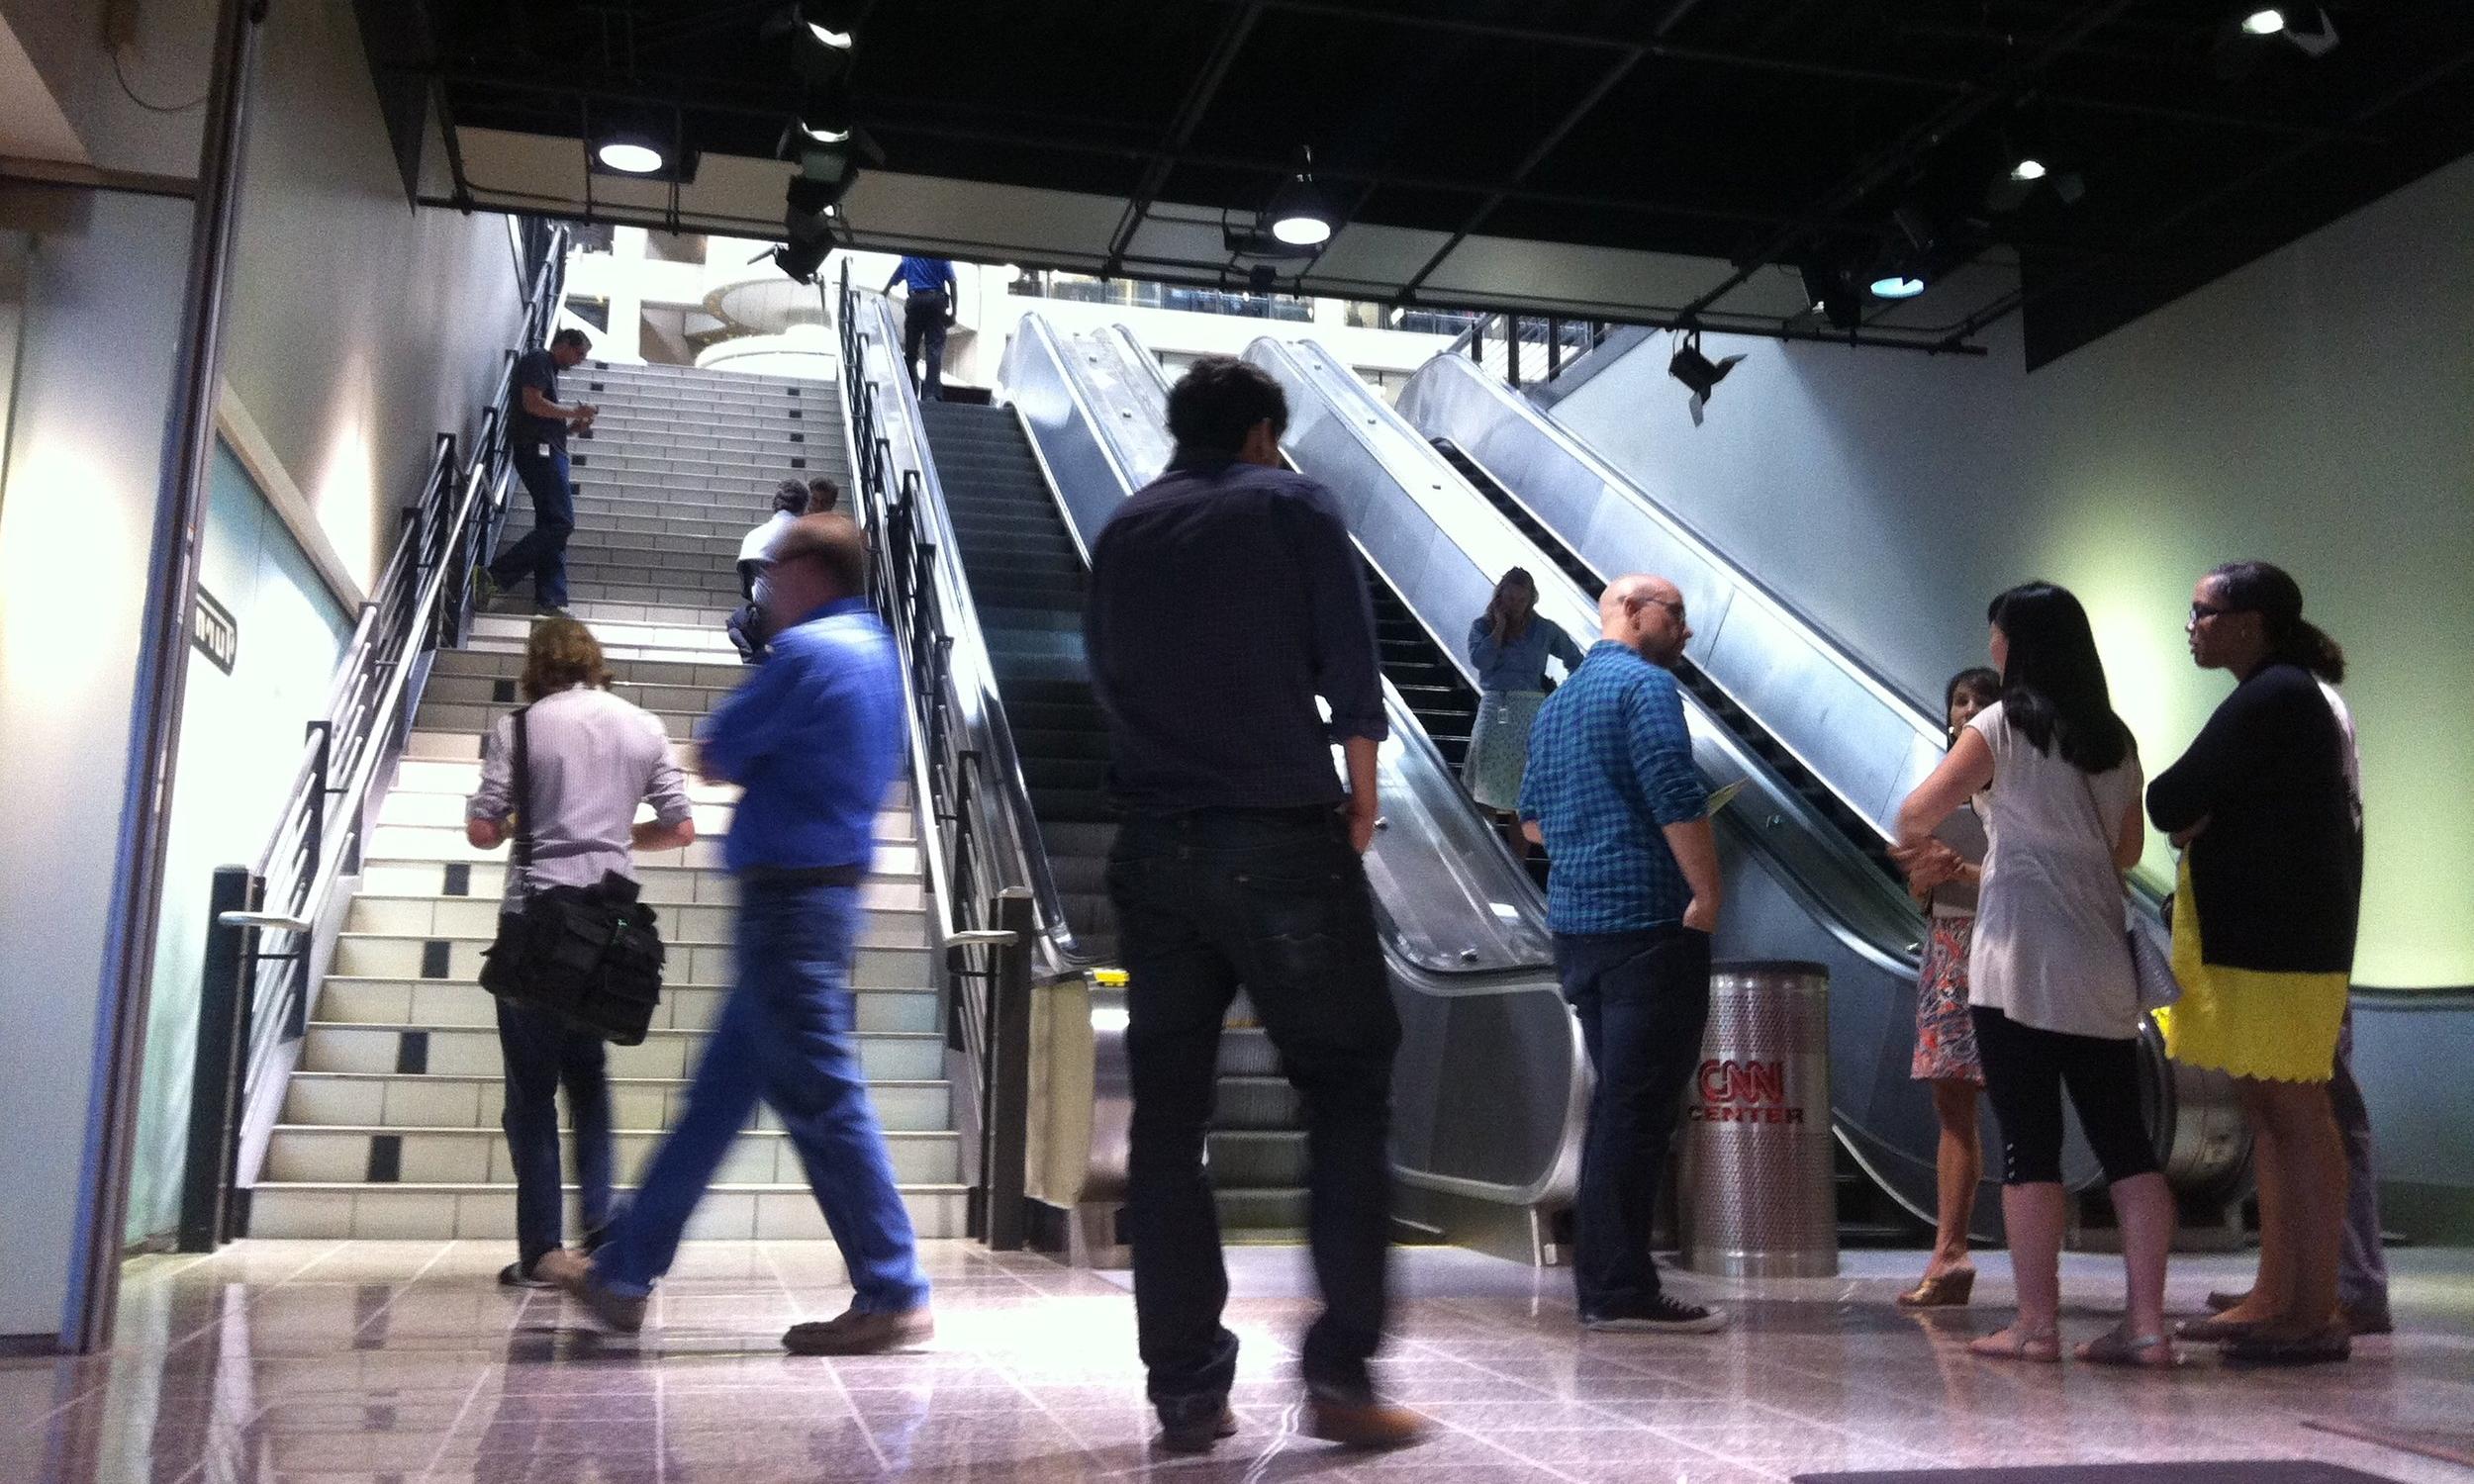 RECON - Stairs vs. Escalators